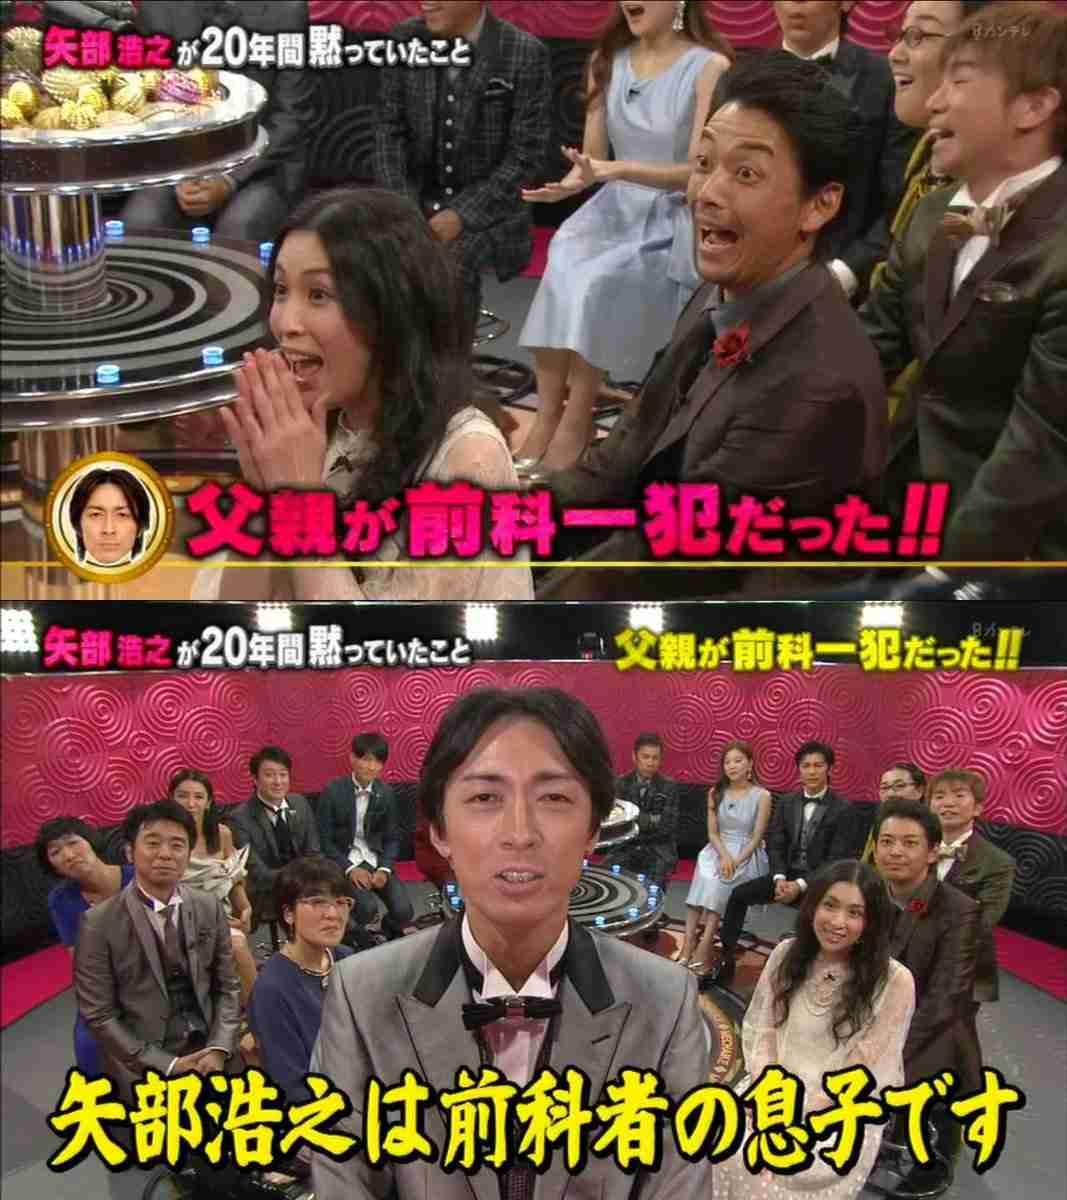 「めちゃイケ」矢部浩之の「前科者の息子」発言強要に青木裕子もブチギレ?